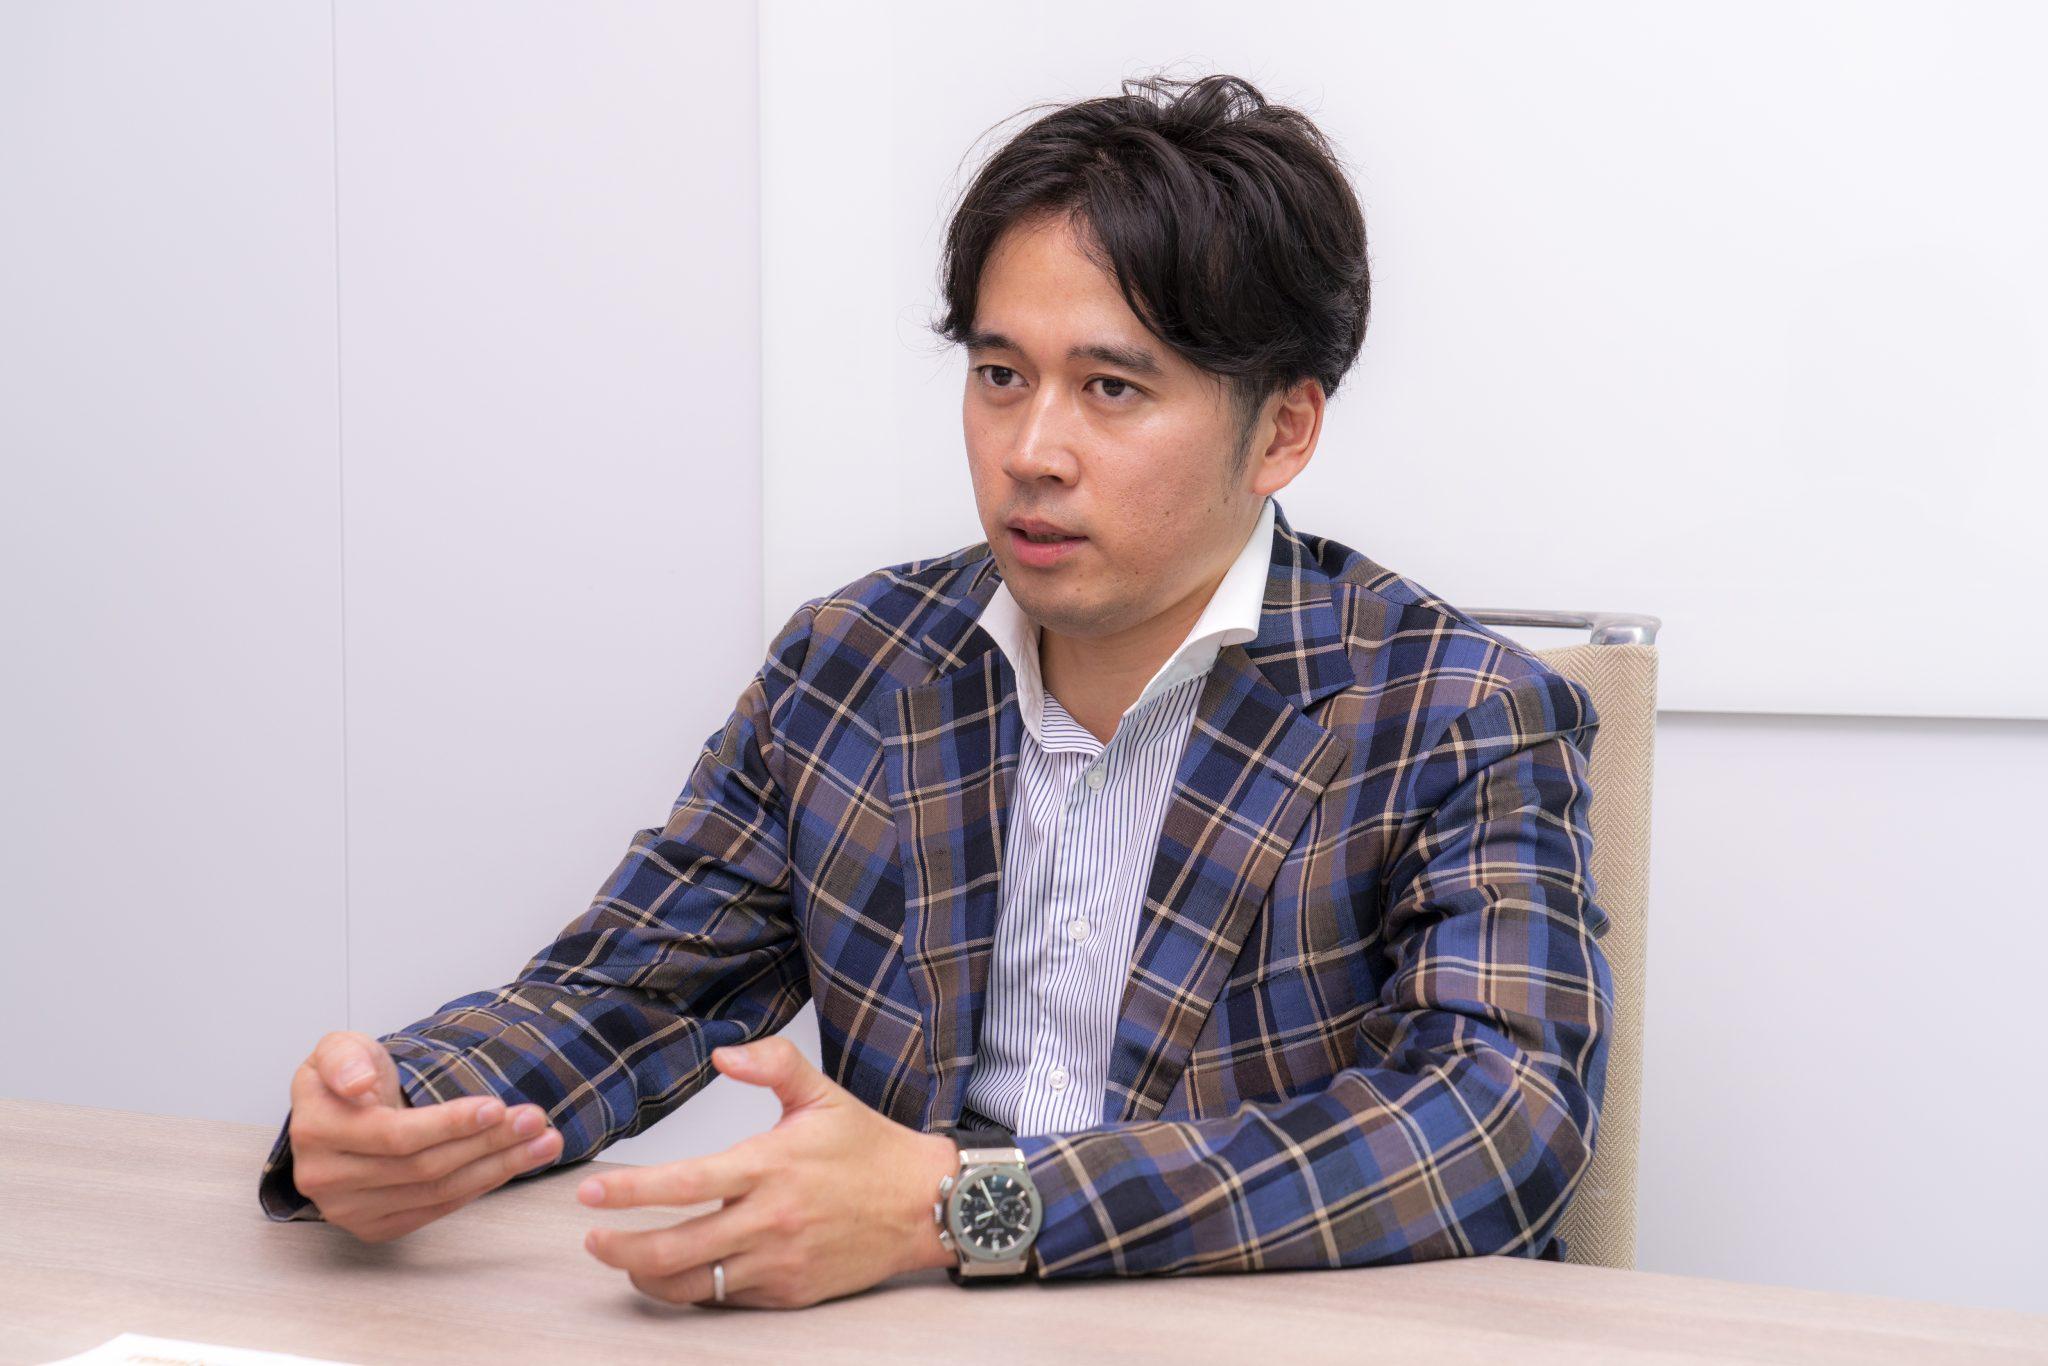 株式会社リミックスポイント CEO 小田玄紀 インタビュー1-2